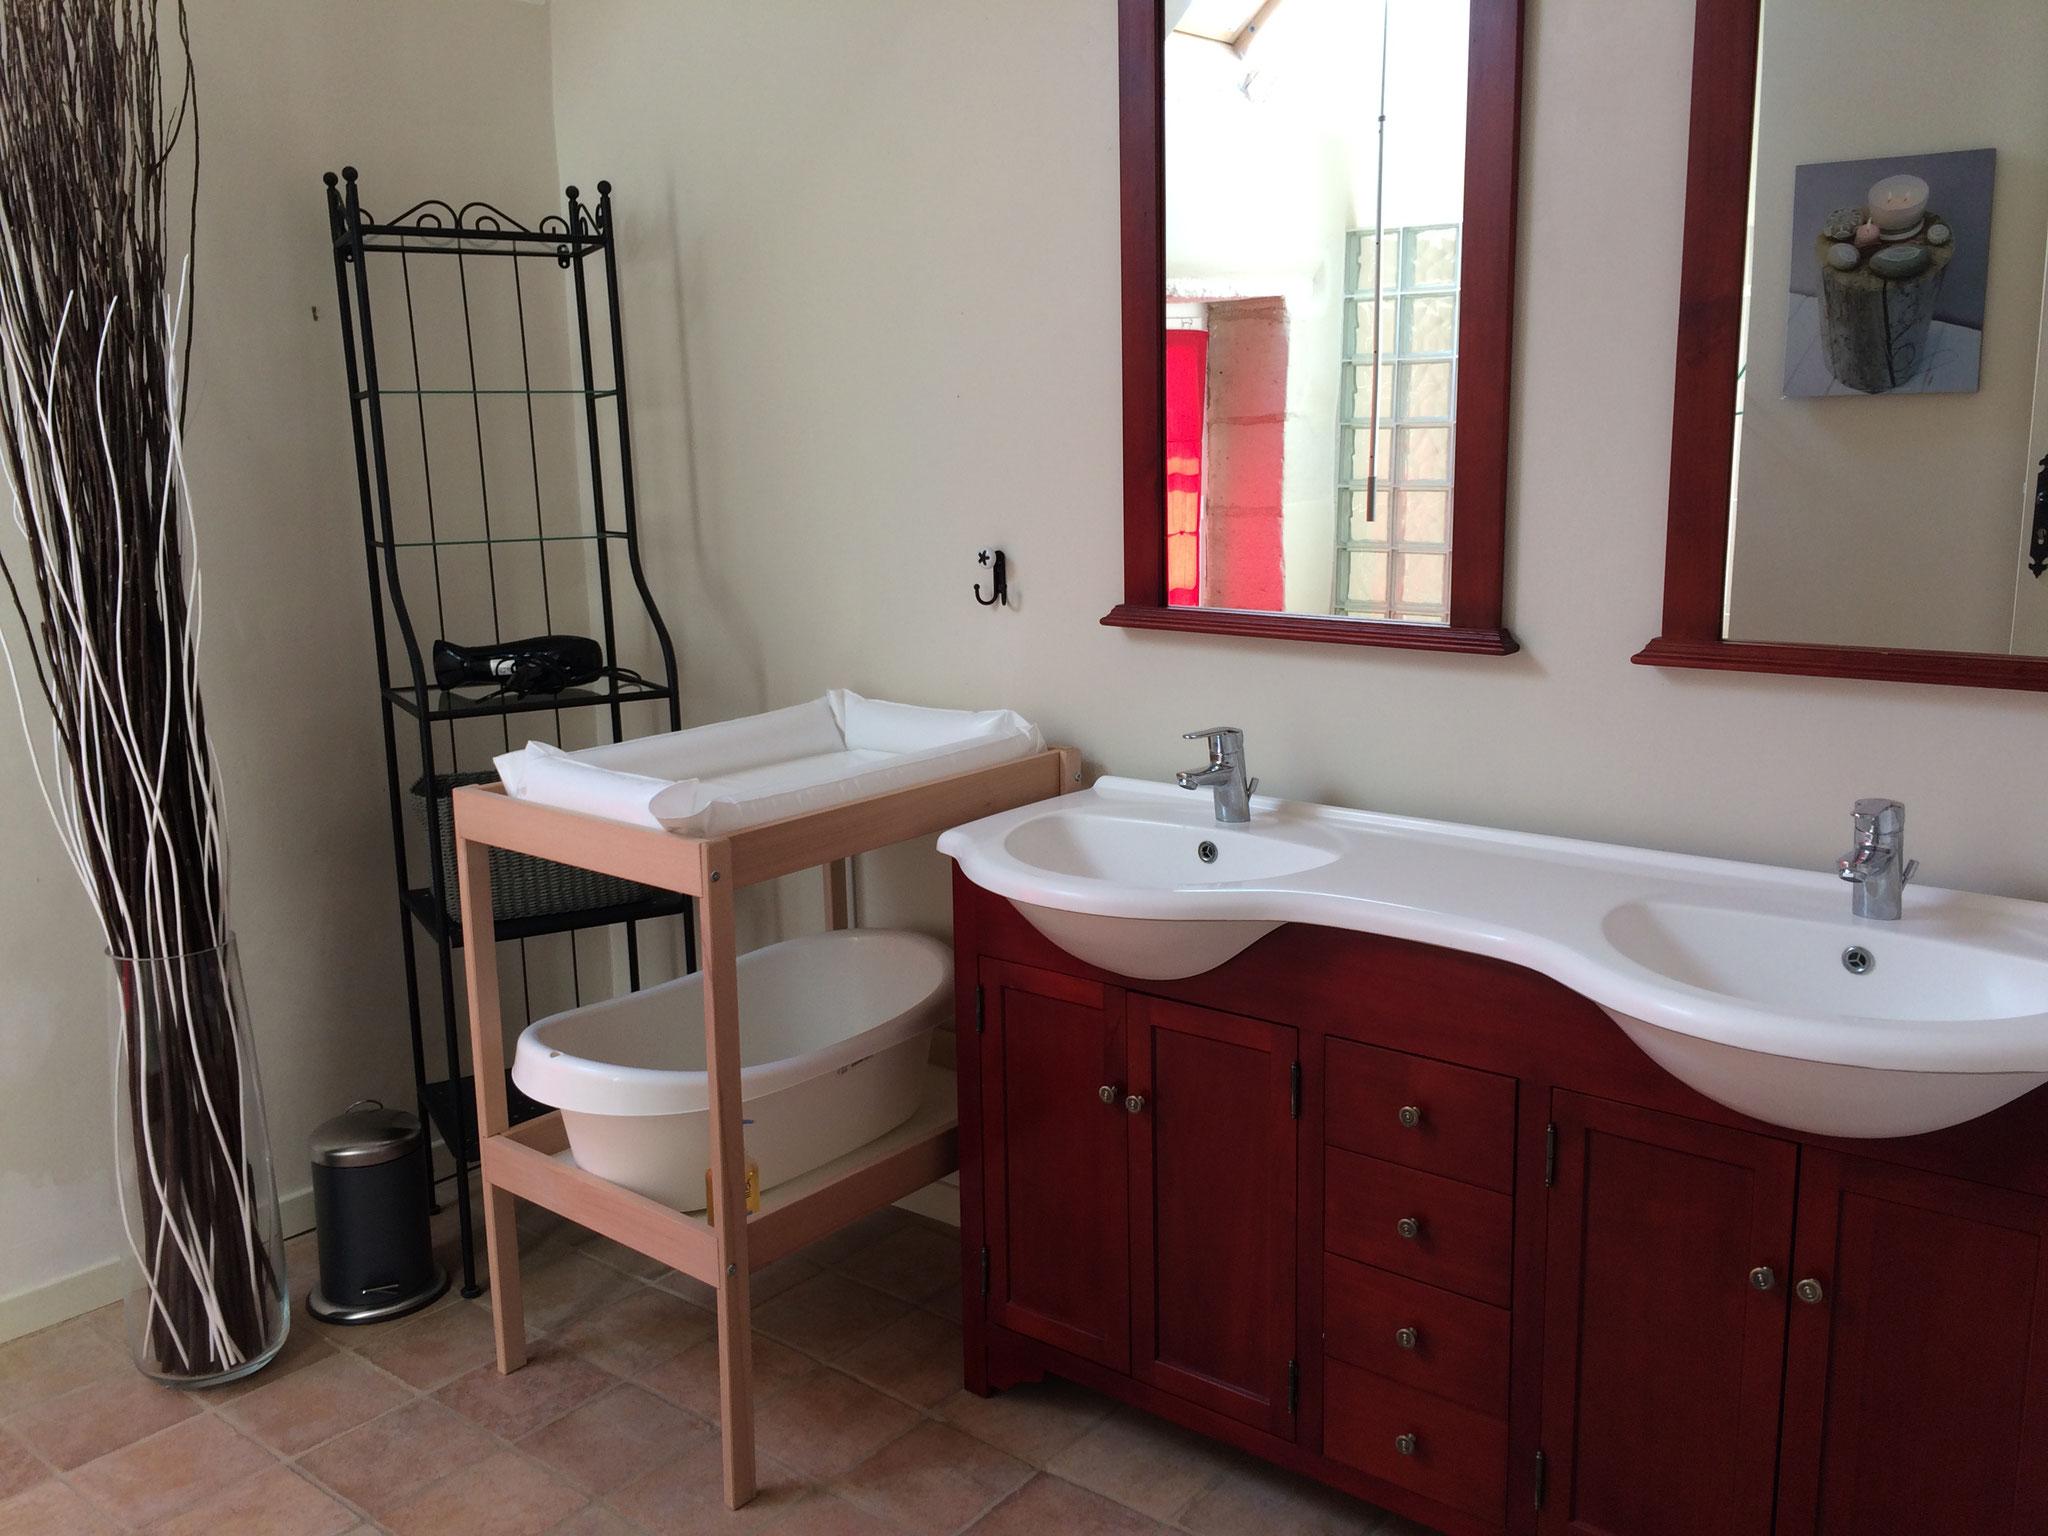 Salle de bain n° 1